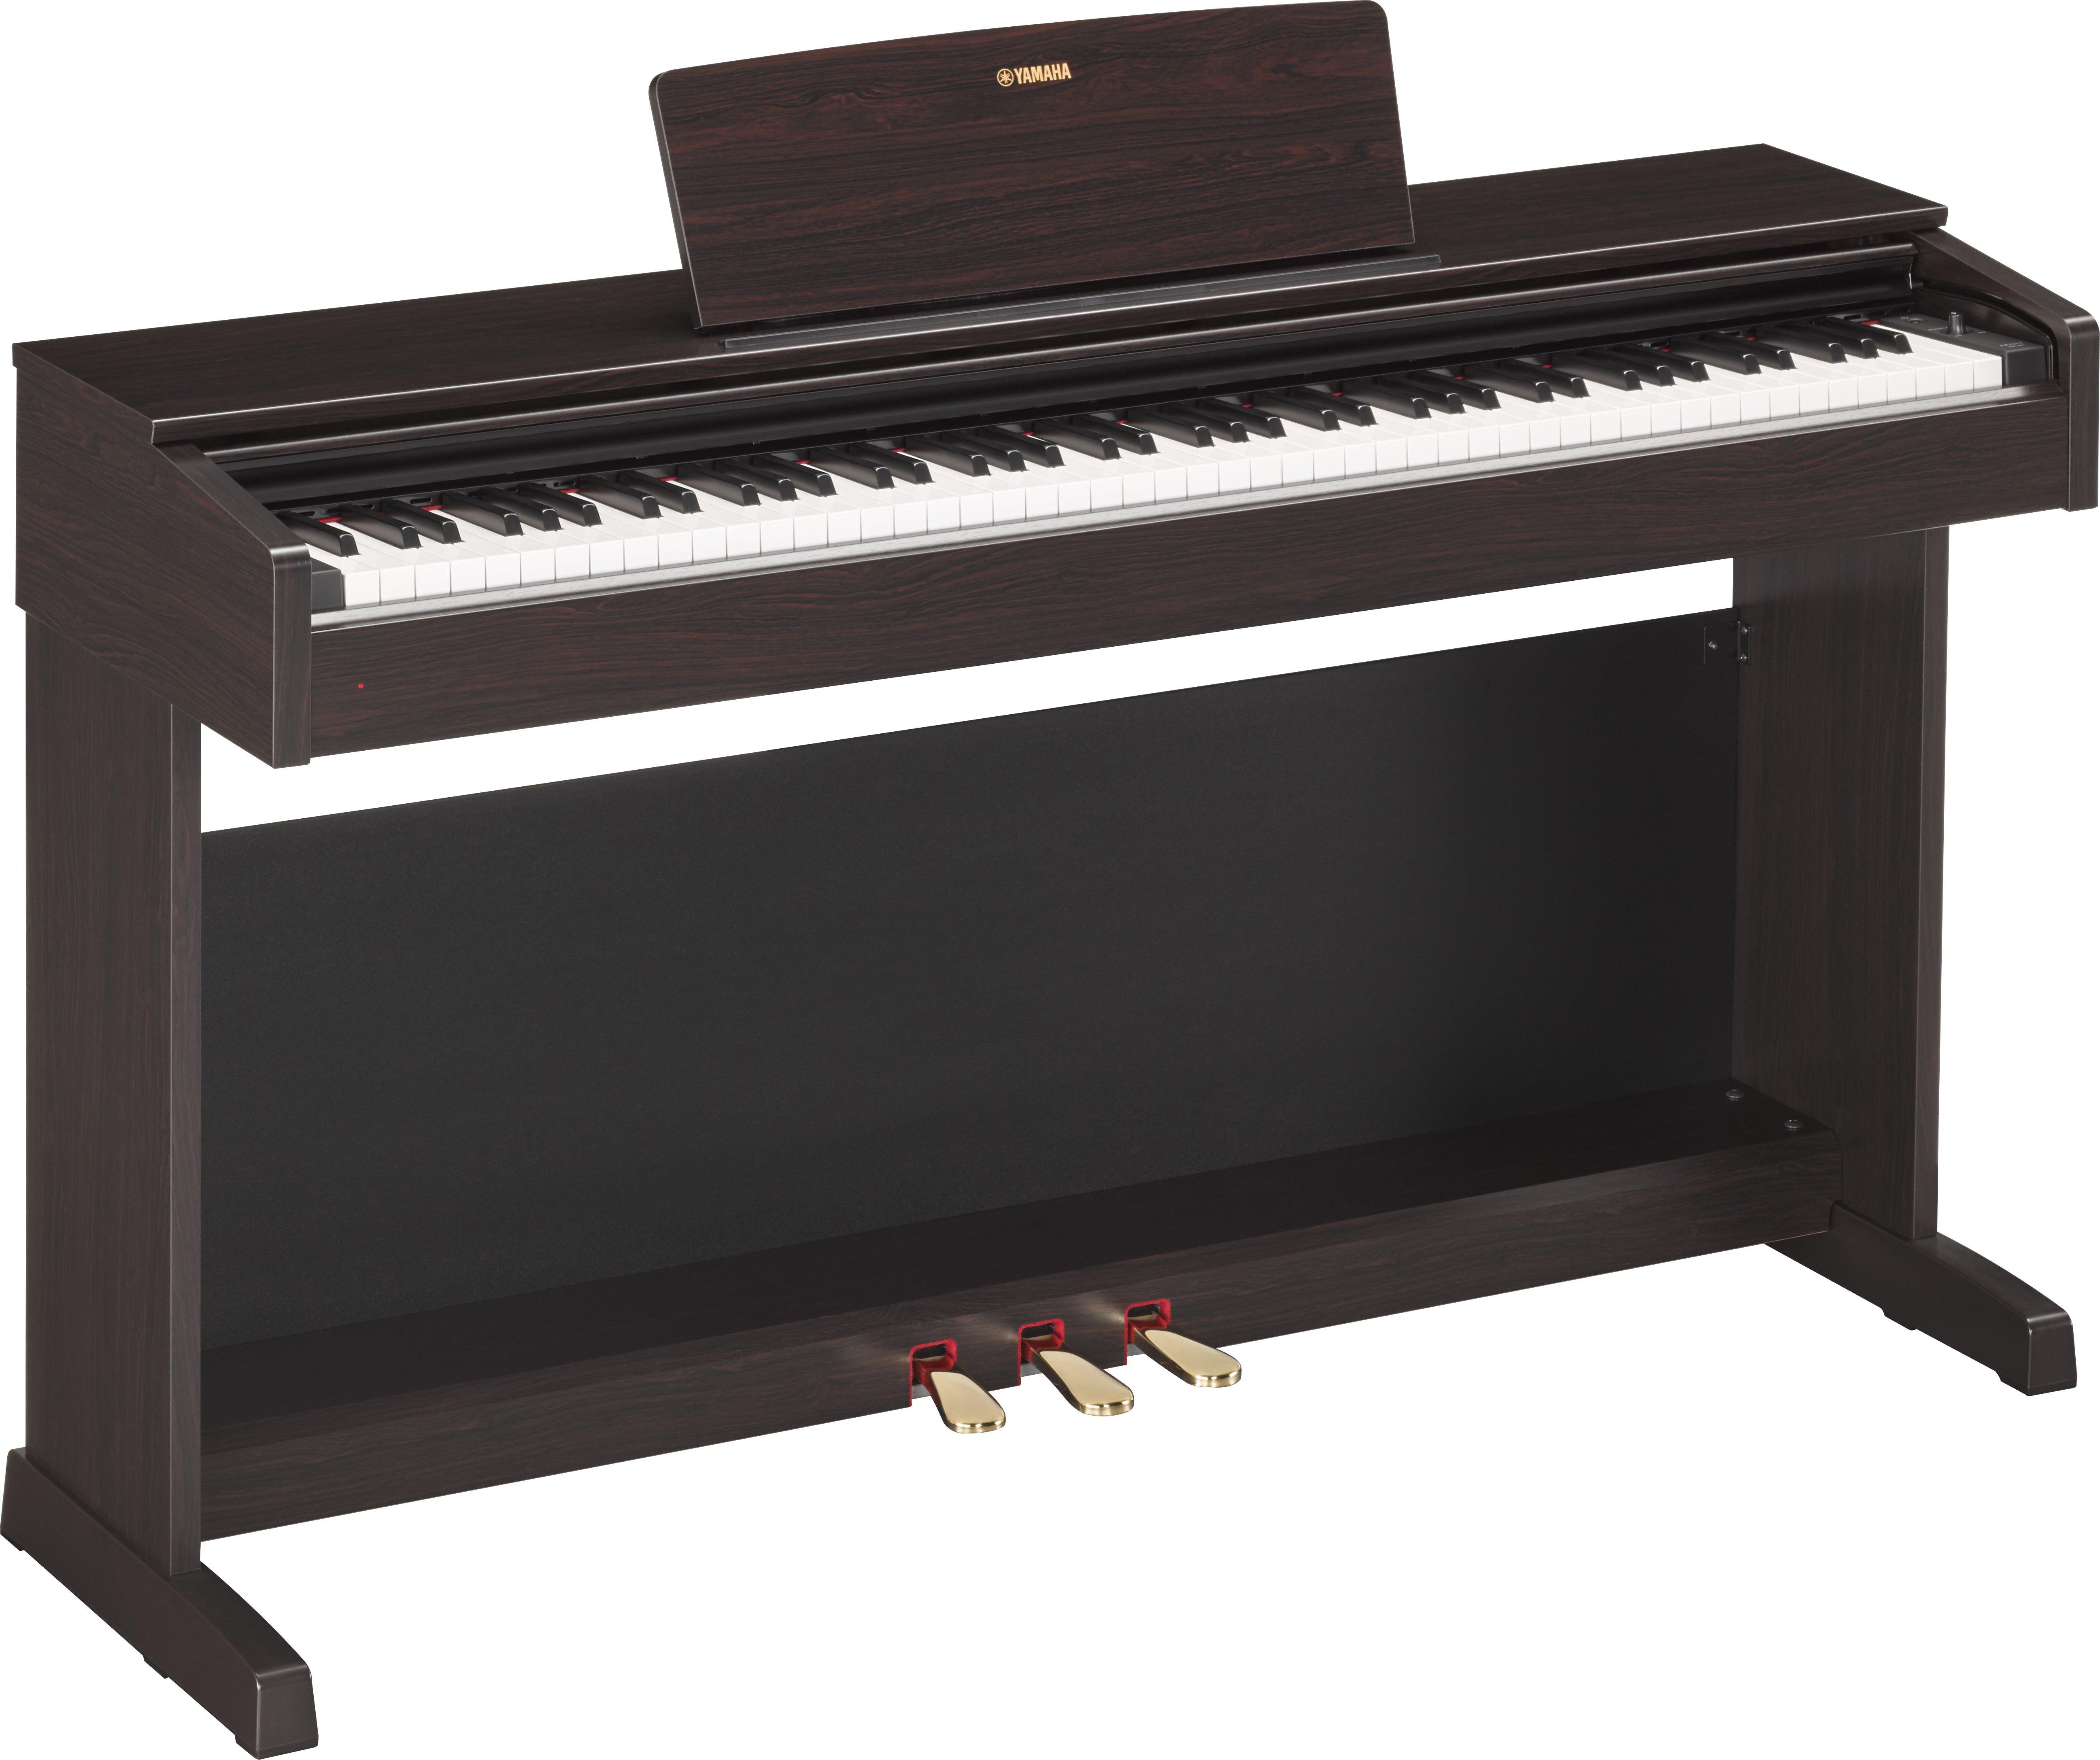 Ydp 143 Specs Arius Pianos Musical Instruments